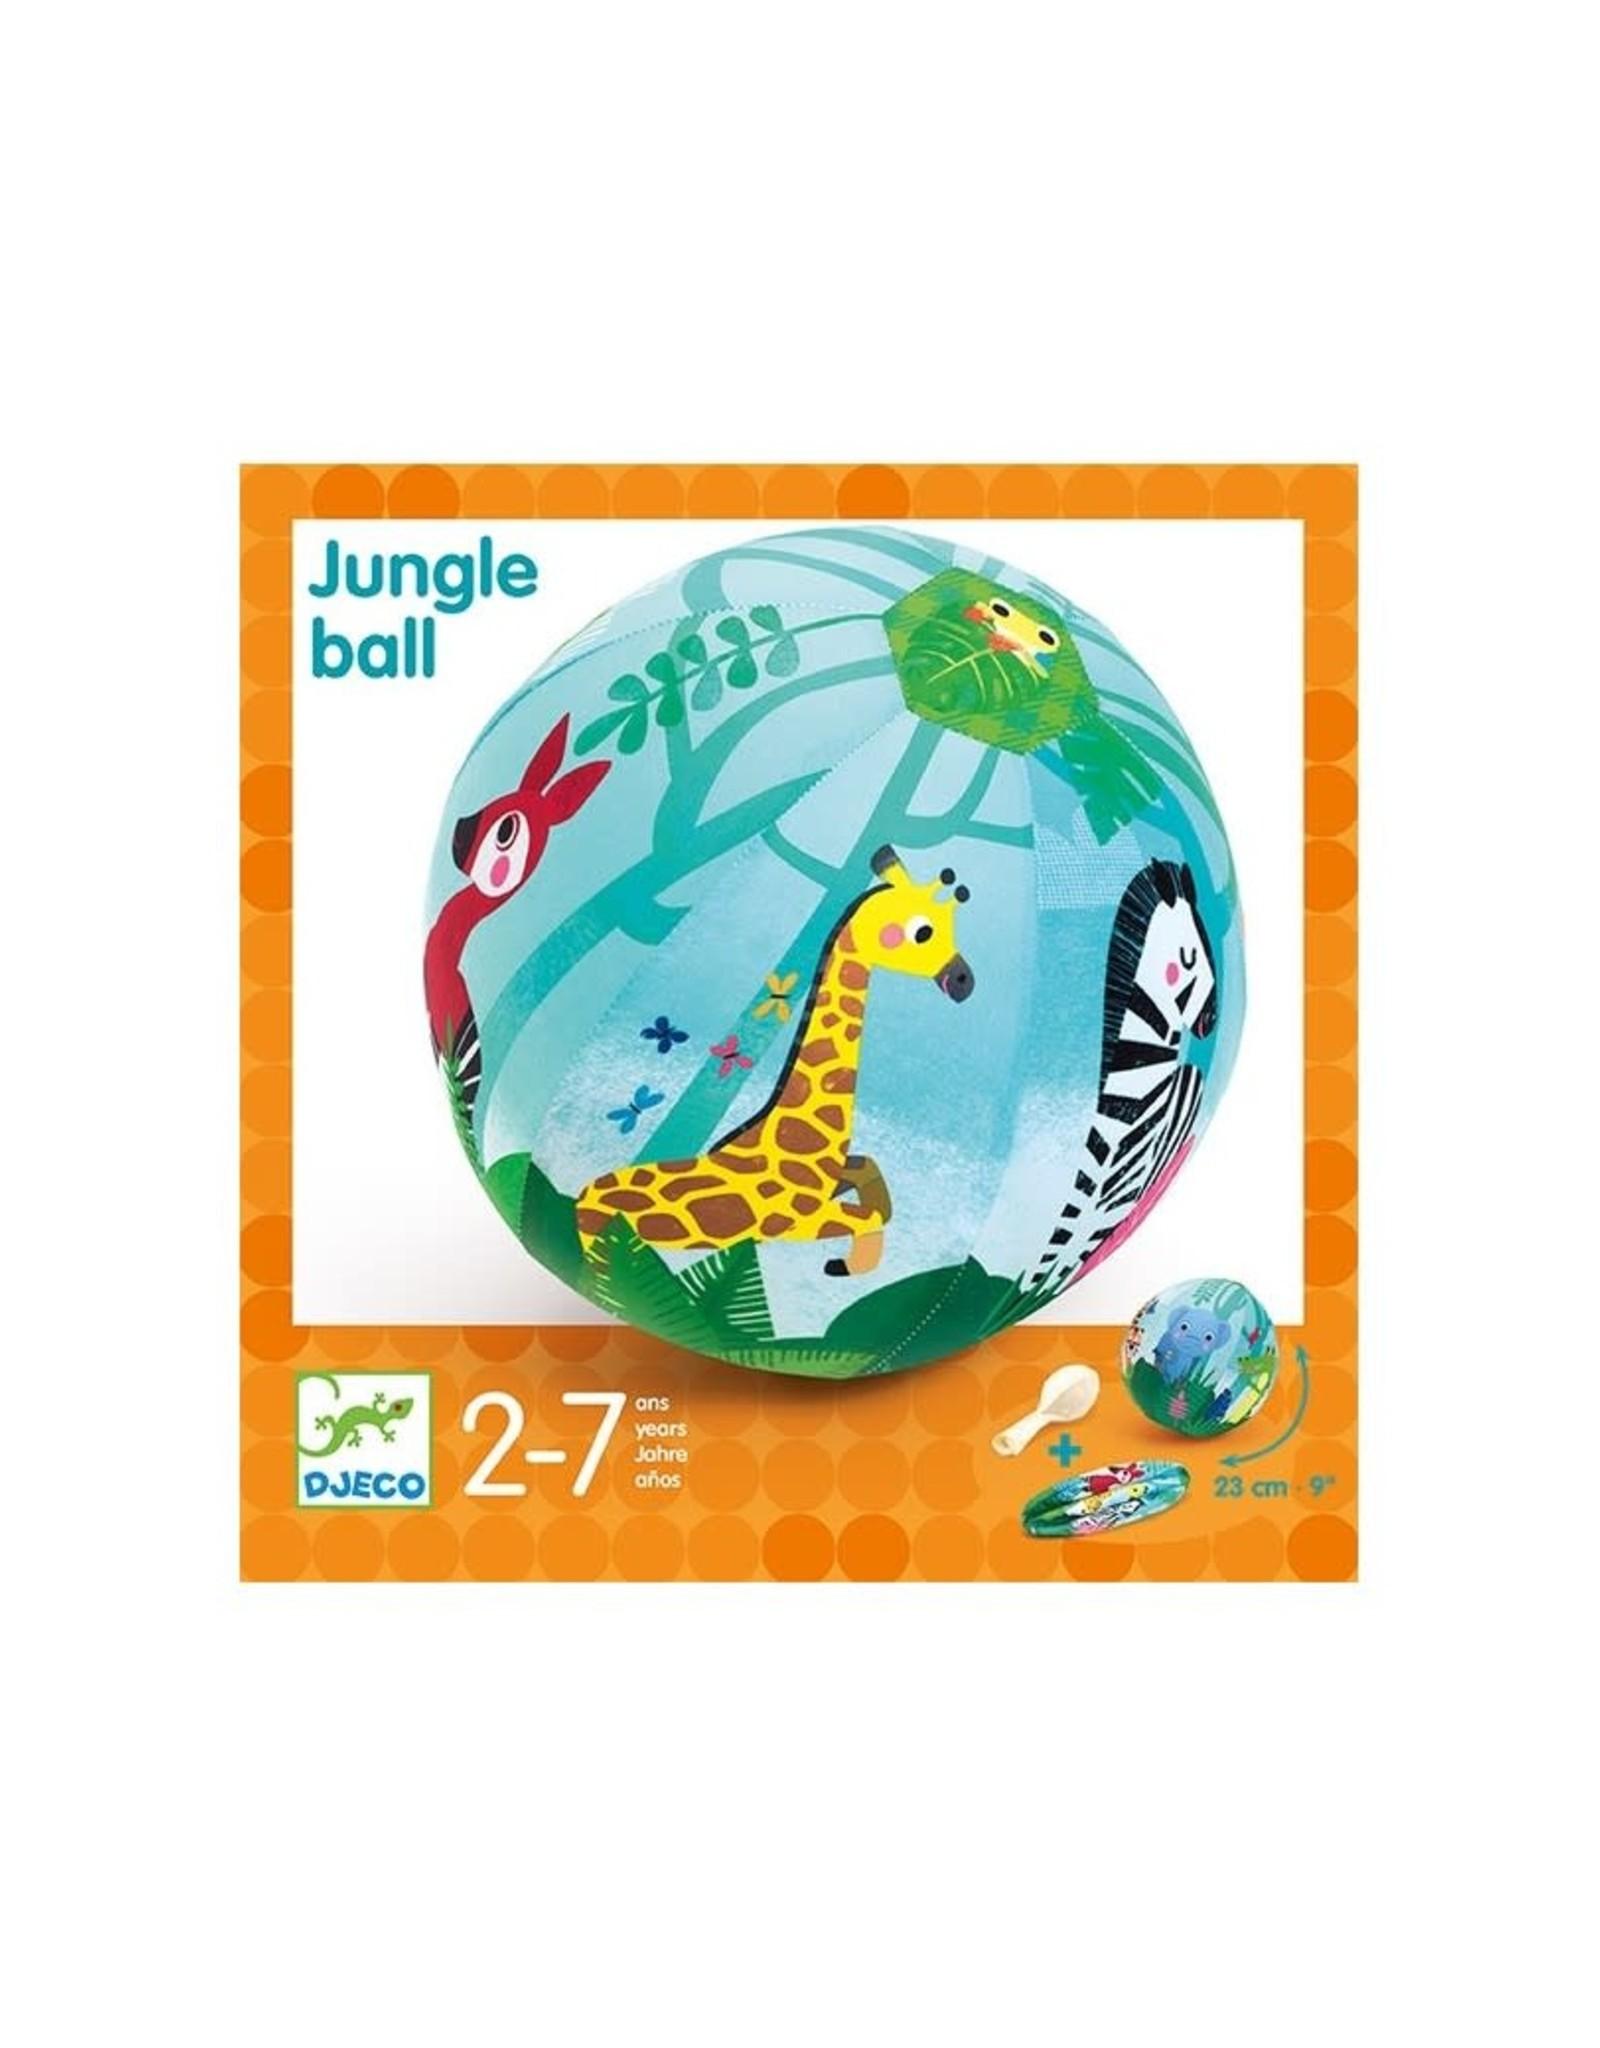 Djeco Jungle ball